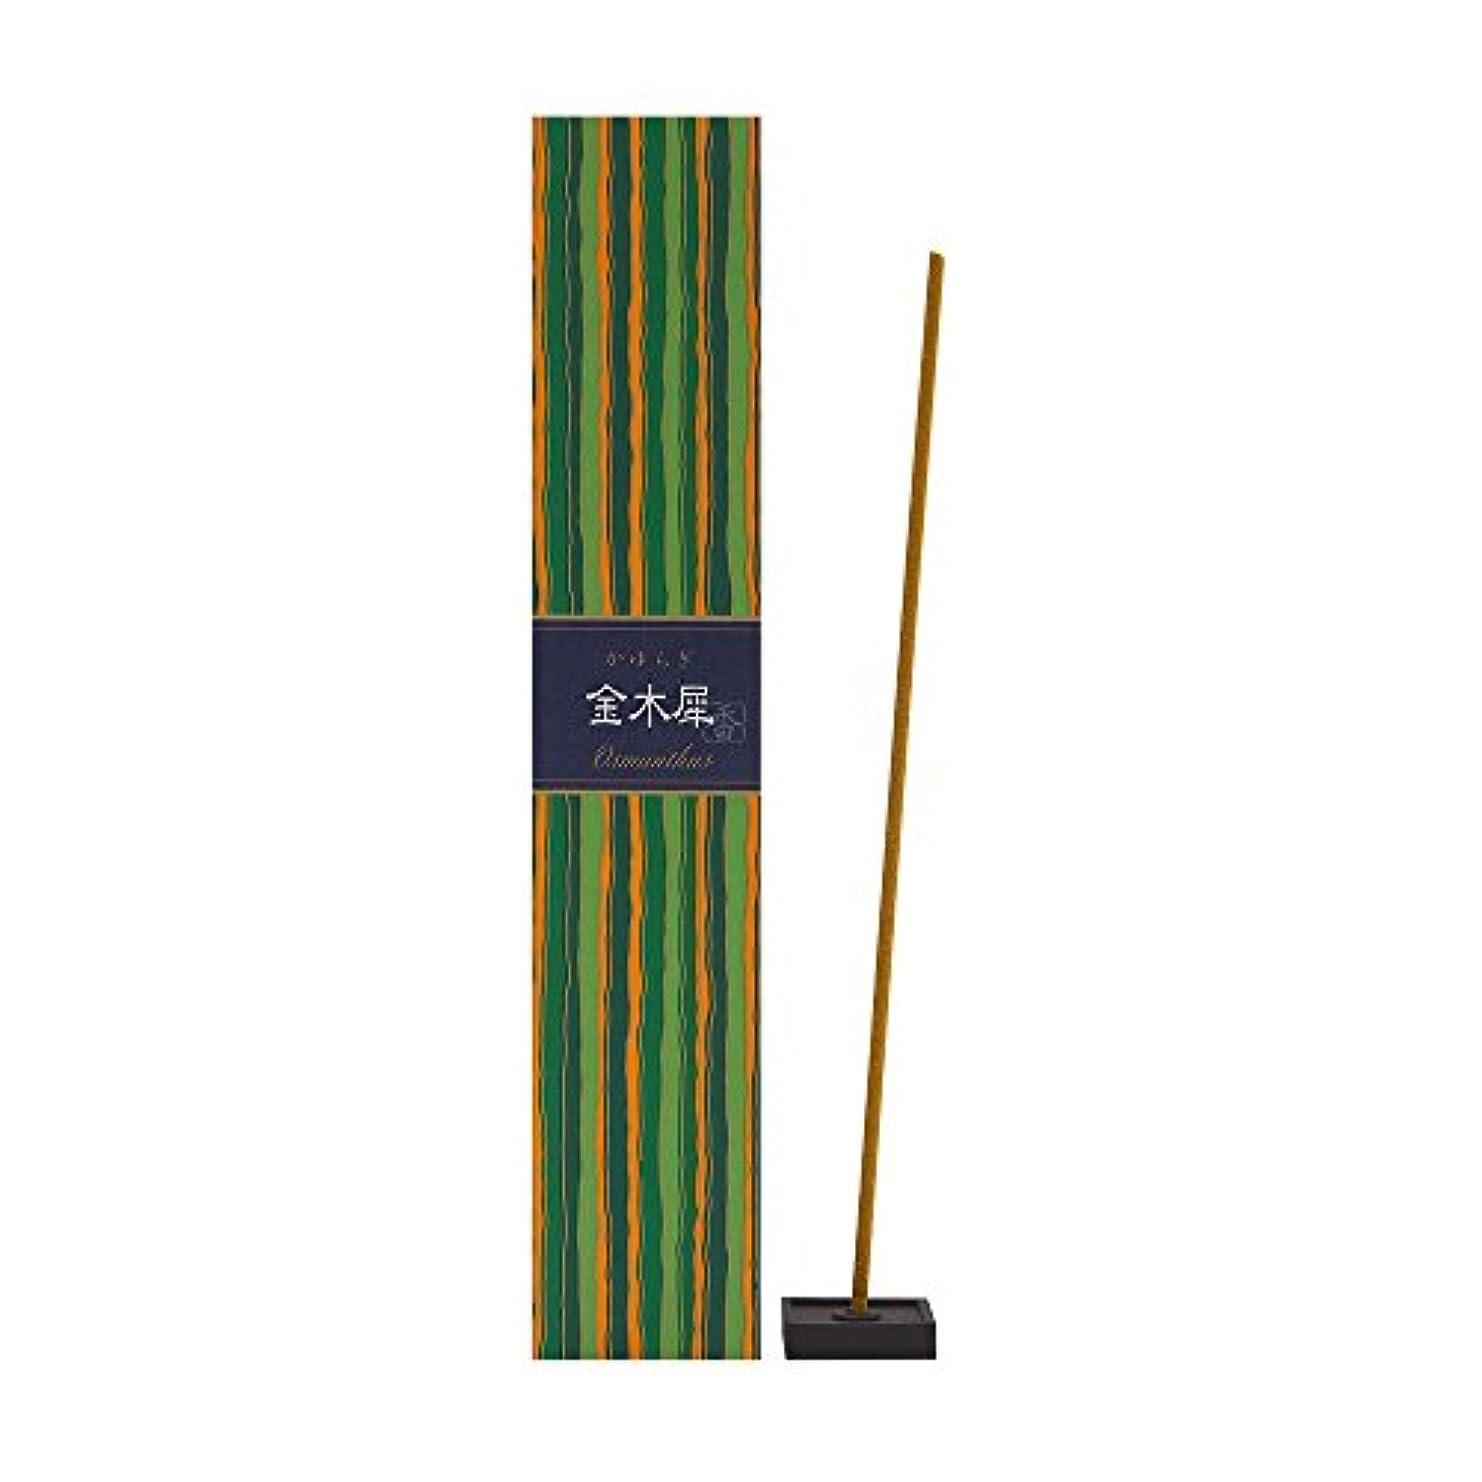 眩惑するラジエーターエスニックNippon Kodo – Kayuragi – Osmanthus 40 Sticks 1 38404